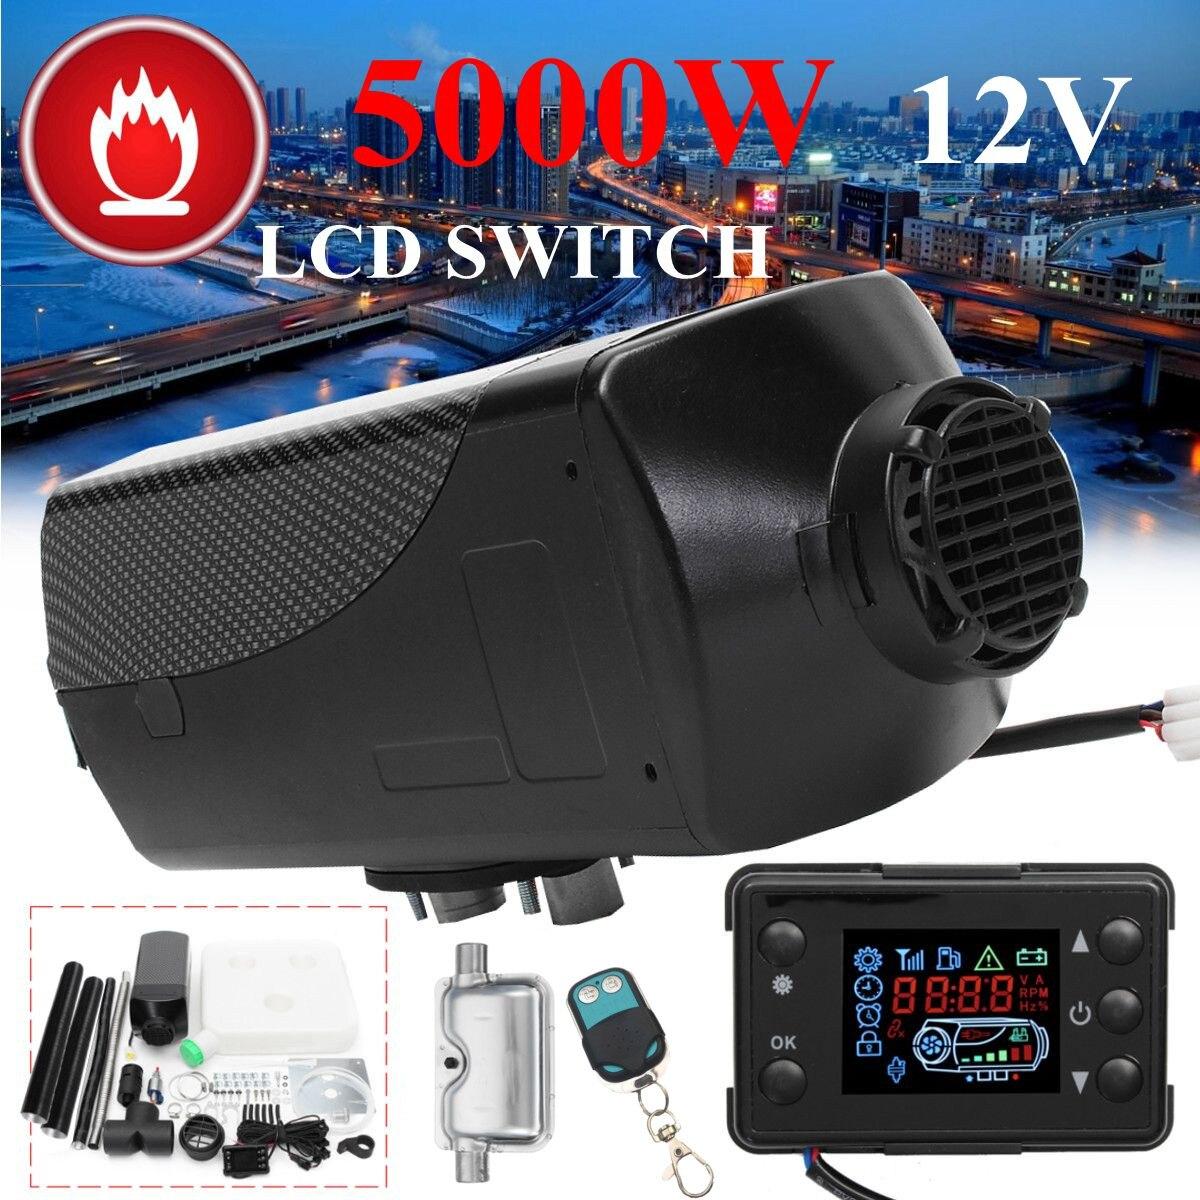 Réchauffeur de voiture 5KW 12 V Air Diesels chauffage de stationnement avec télécommande moniteur LCD pour vr, camping-Car remorque, camions, bateaux - 2